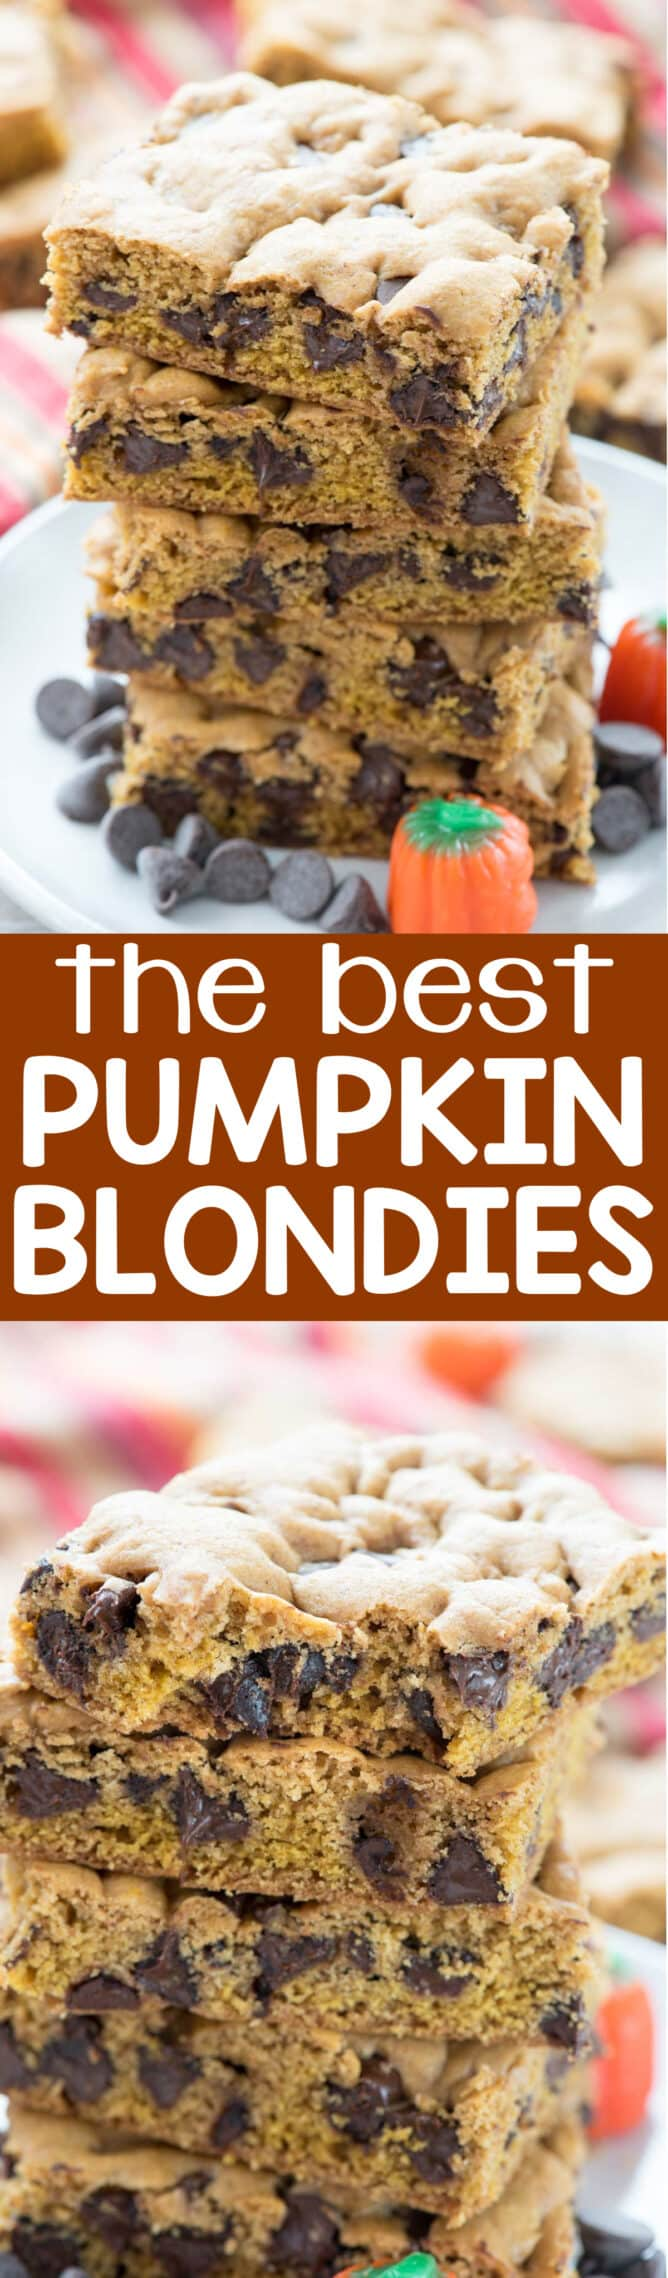 The BEST Pumpkin Blondie Recipe collage of 2 photos